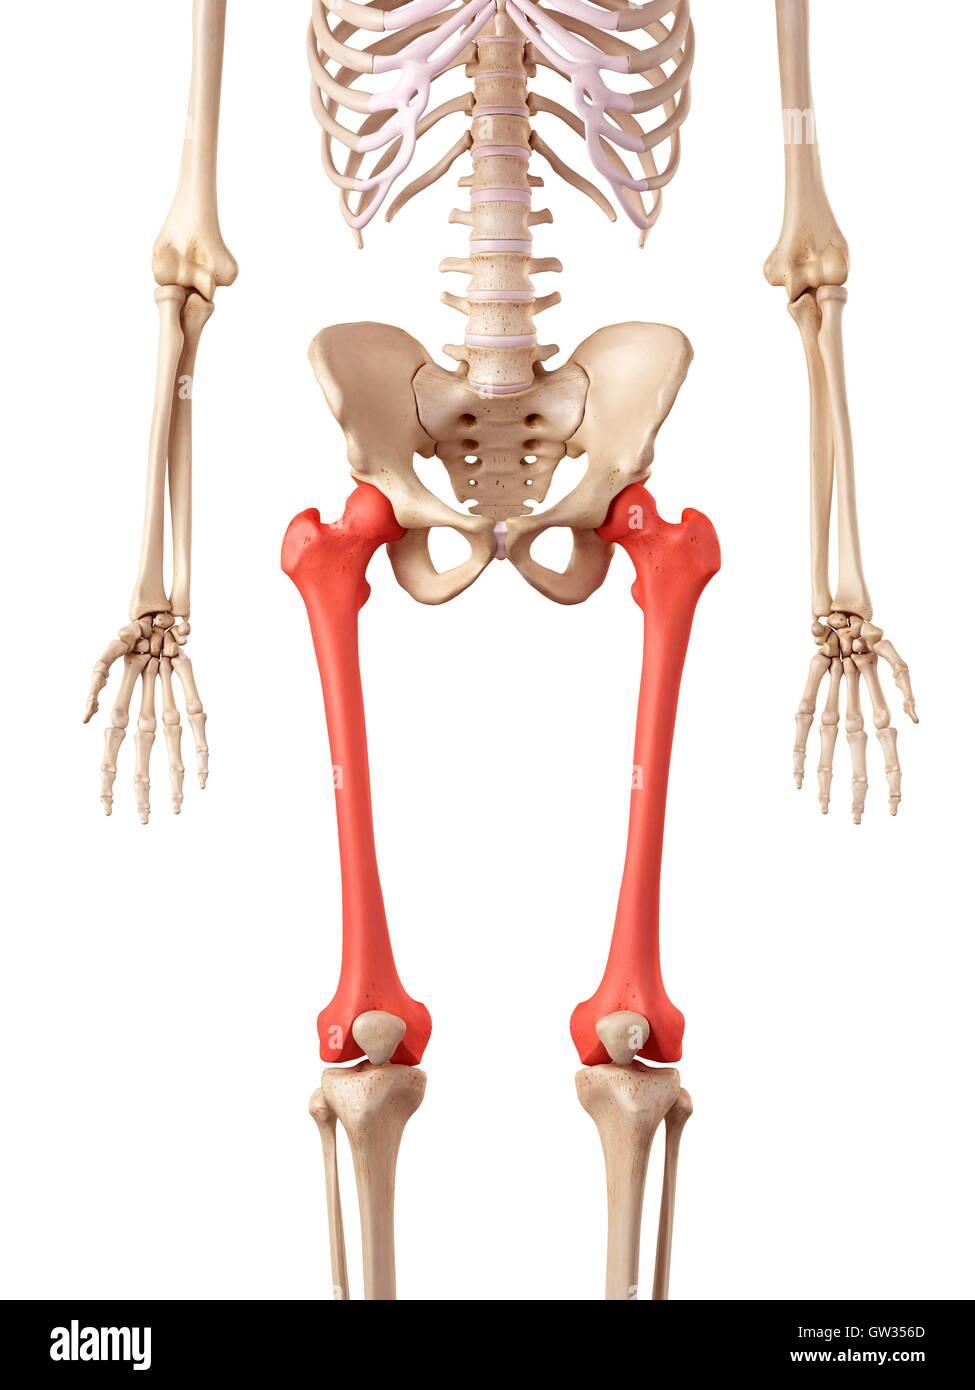 Charmant Menschliches Bein Knochen Diagramm Bilder - Anatomie Ideen ...